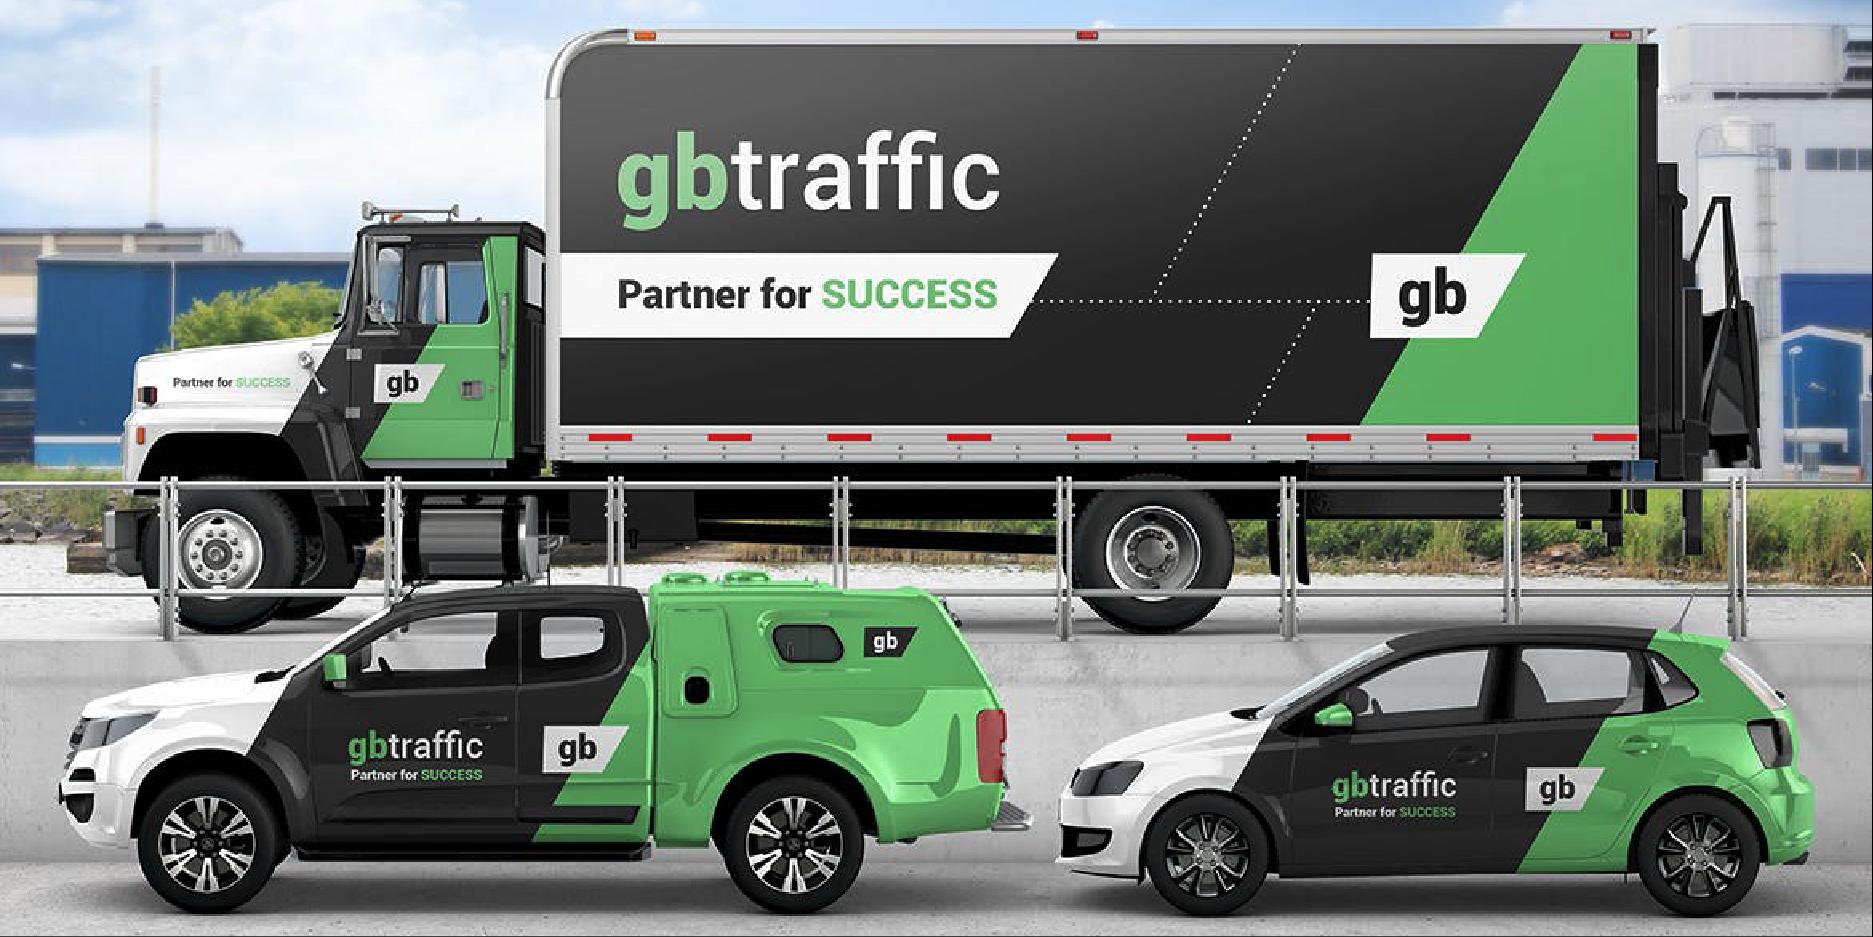 descargar - modelos - vehiculos - gratis - en - psd - mockups